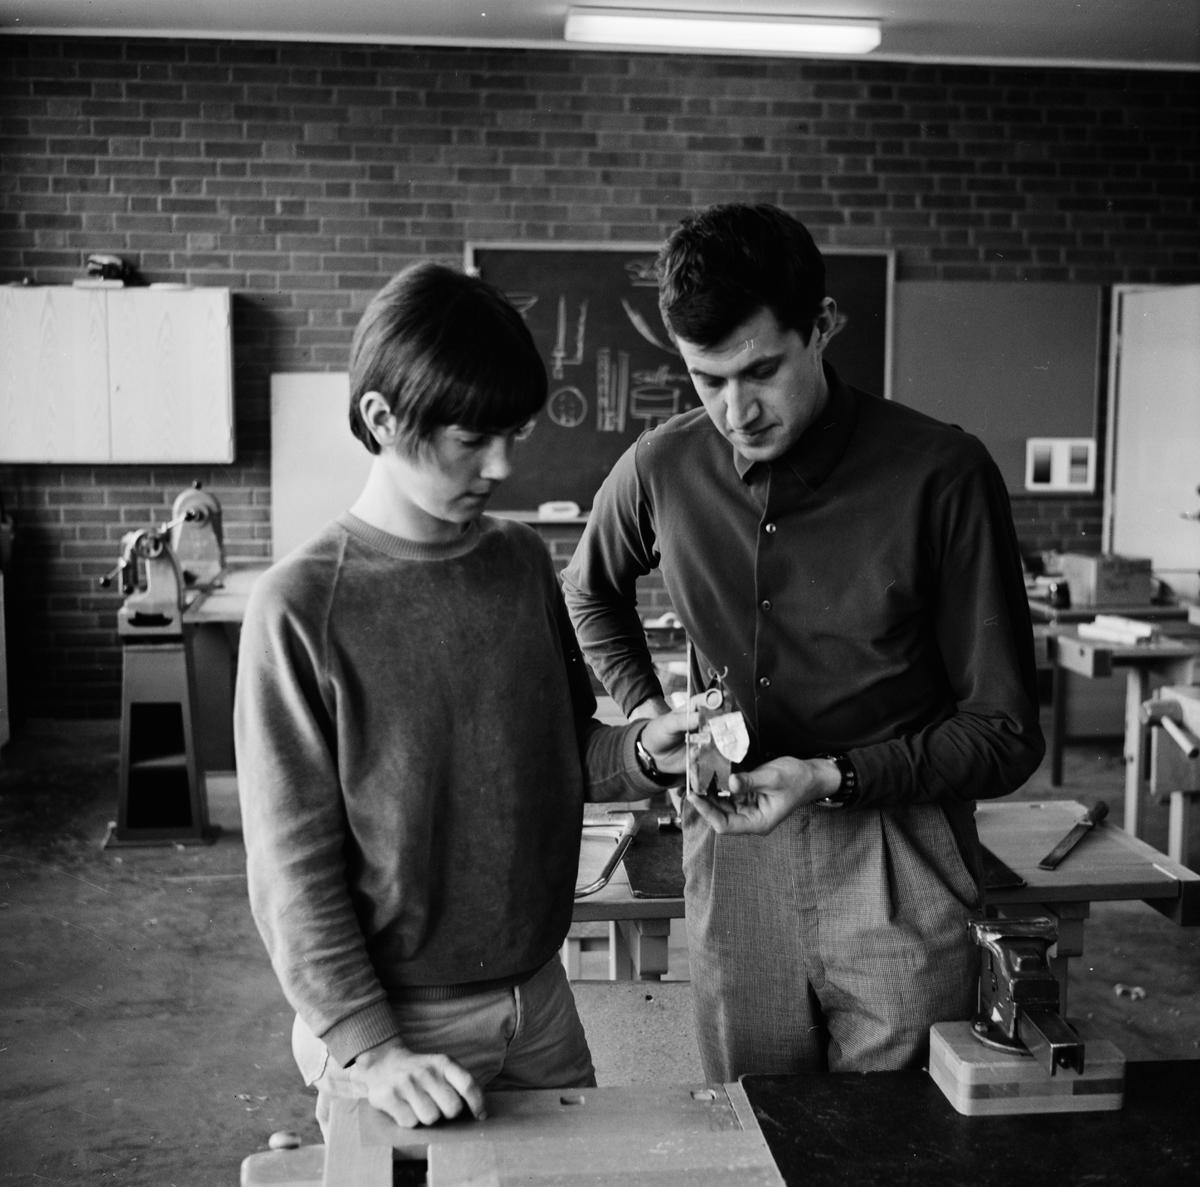 Slöjdundervisning, sannolikt Tierp, Uppland, april 1968